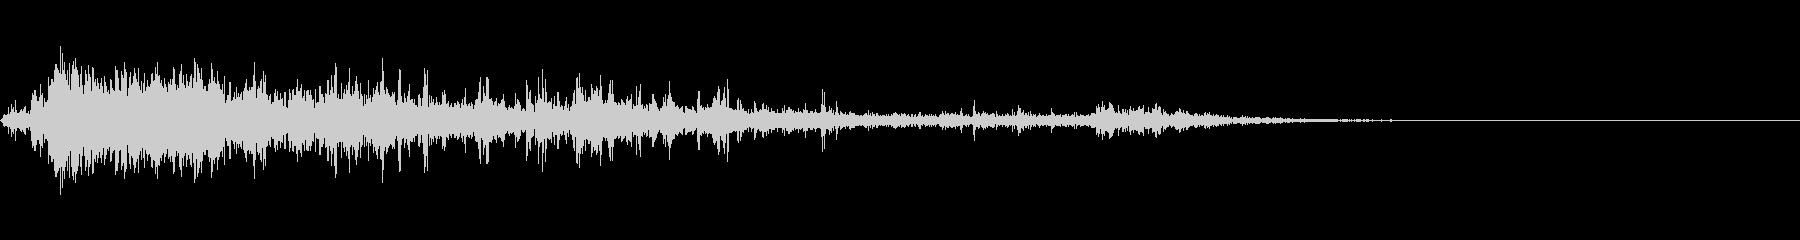 カミナリ(近雷)-13の未再生の波形